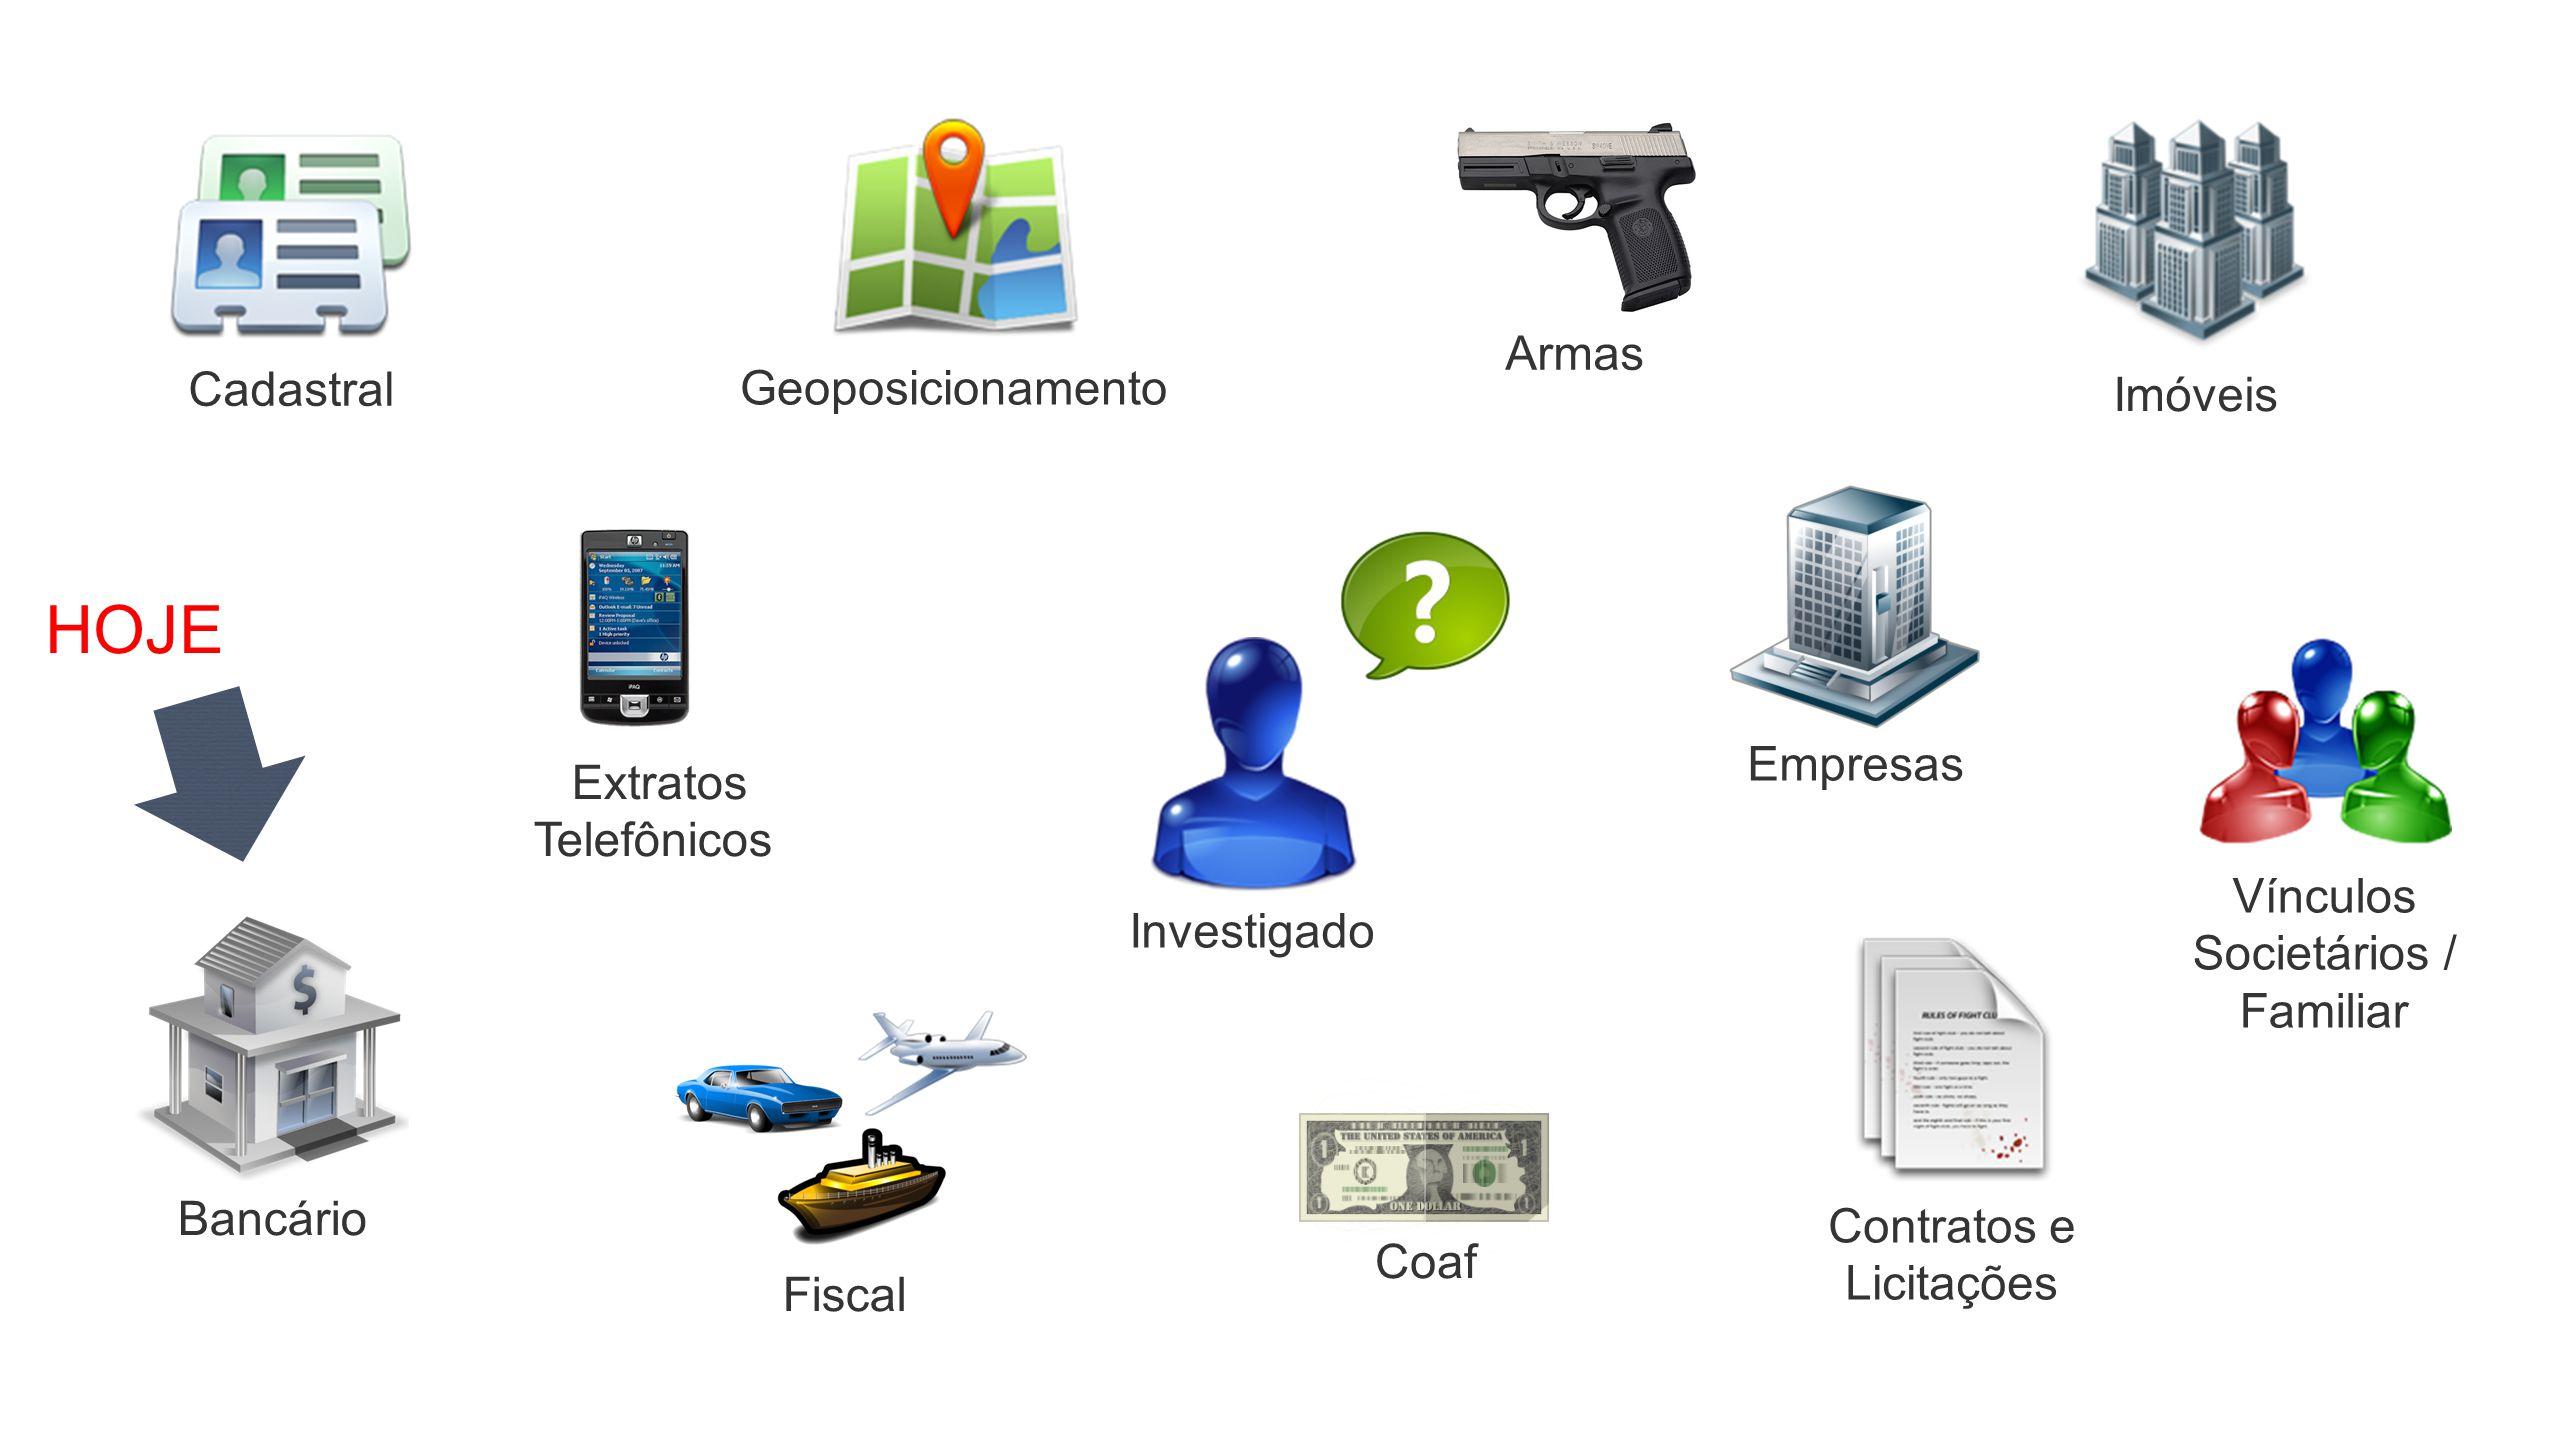 Investigado Vínculos Societários / Familiar Bancário Extratos Telefônicos Cadastral Geoposicionamento Imóveis Empresas Contratos e Licitações Armas Co